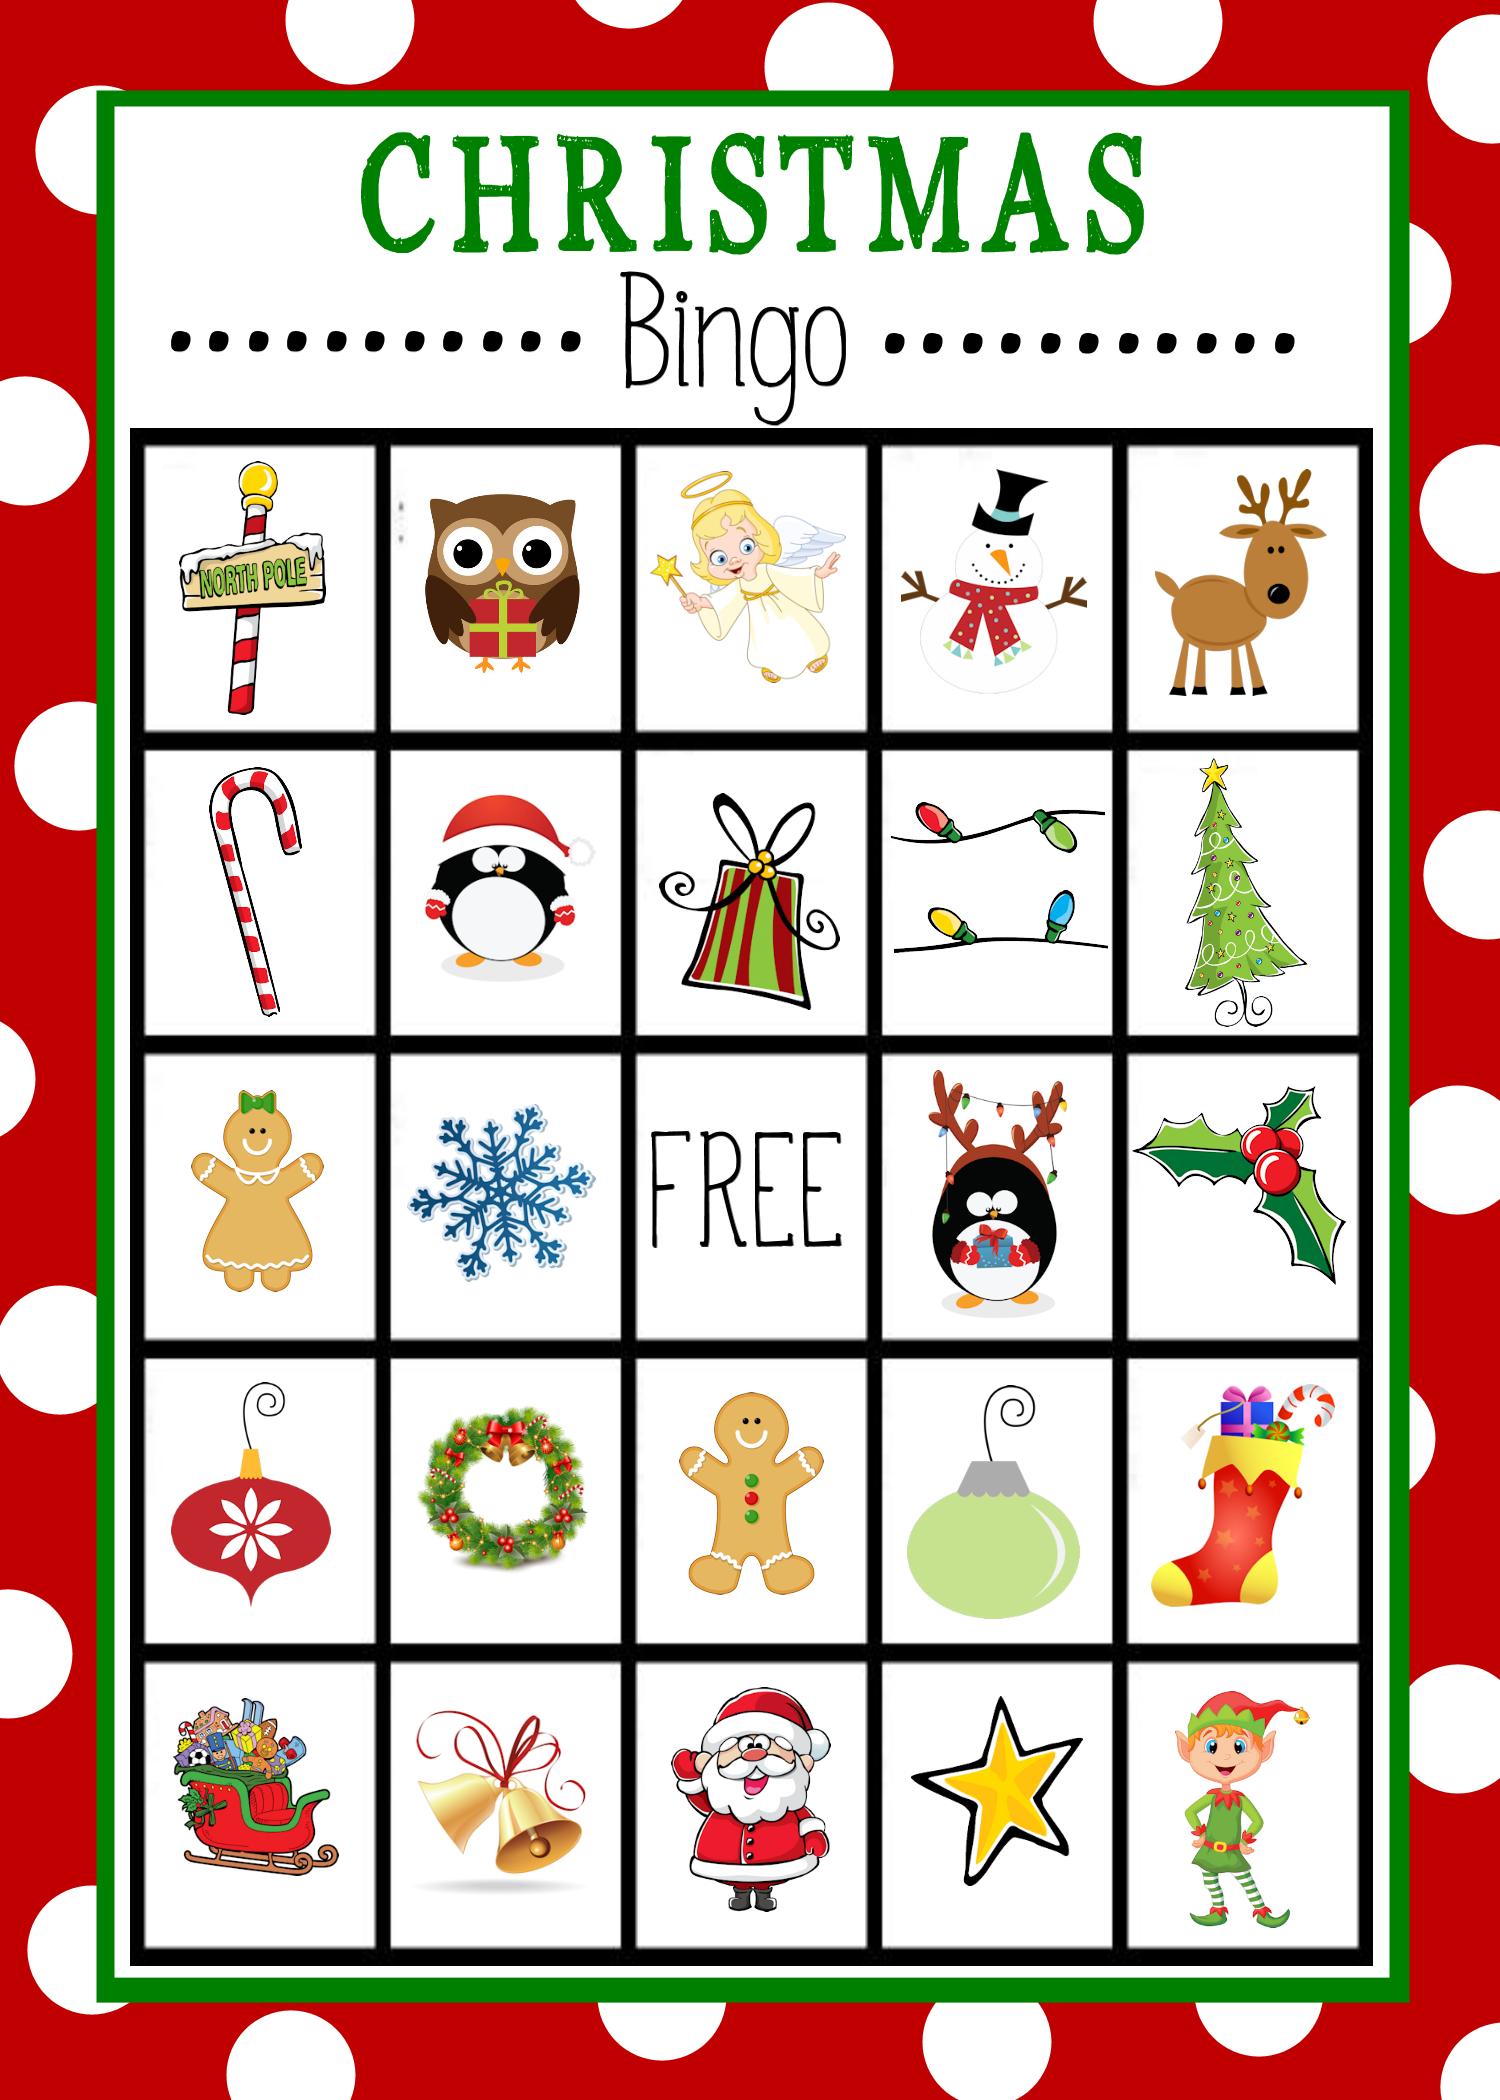 Free Printable Christmas Bingo Game | Christmas | Christmas Bingo - Christmas Bingo Game Printable Free